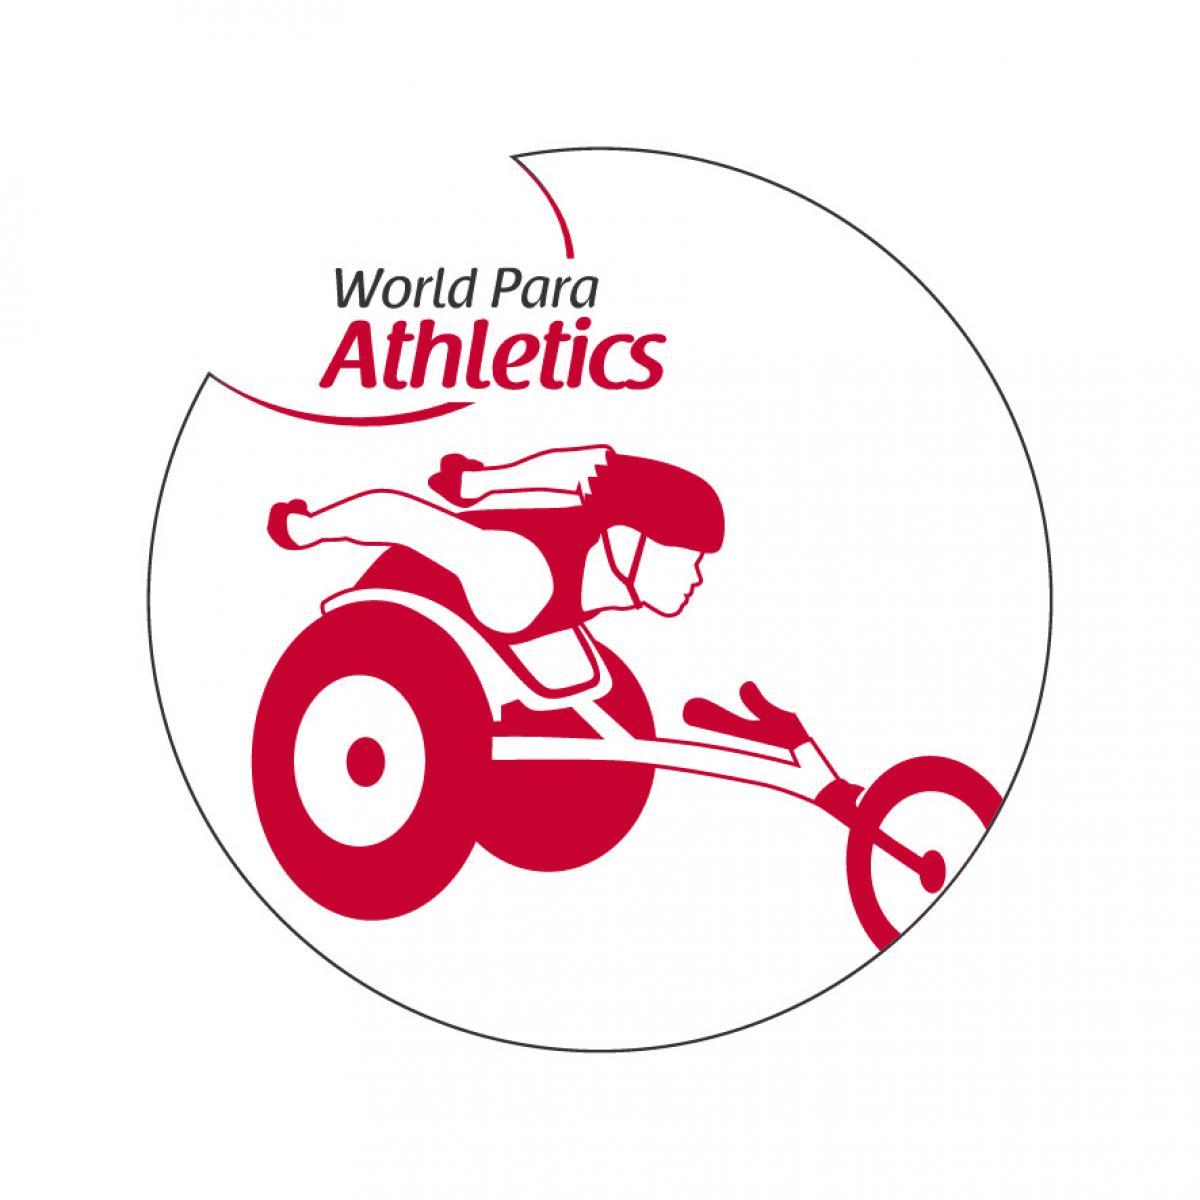 Всемирная Пара Атлетика получила 30 бесплатных мест для участия в Лондонском виртуальном марафоне